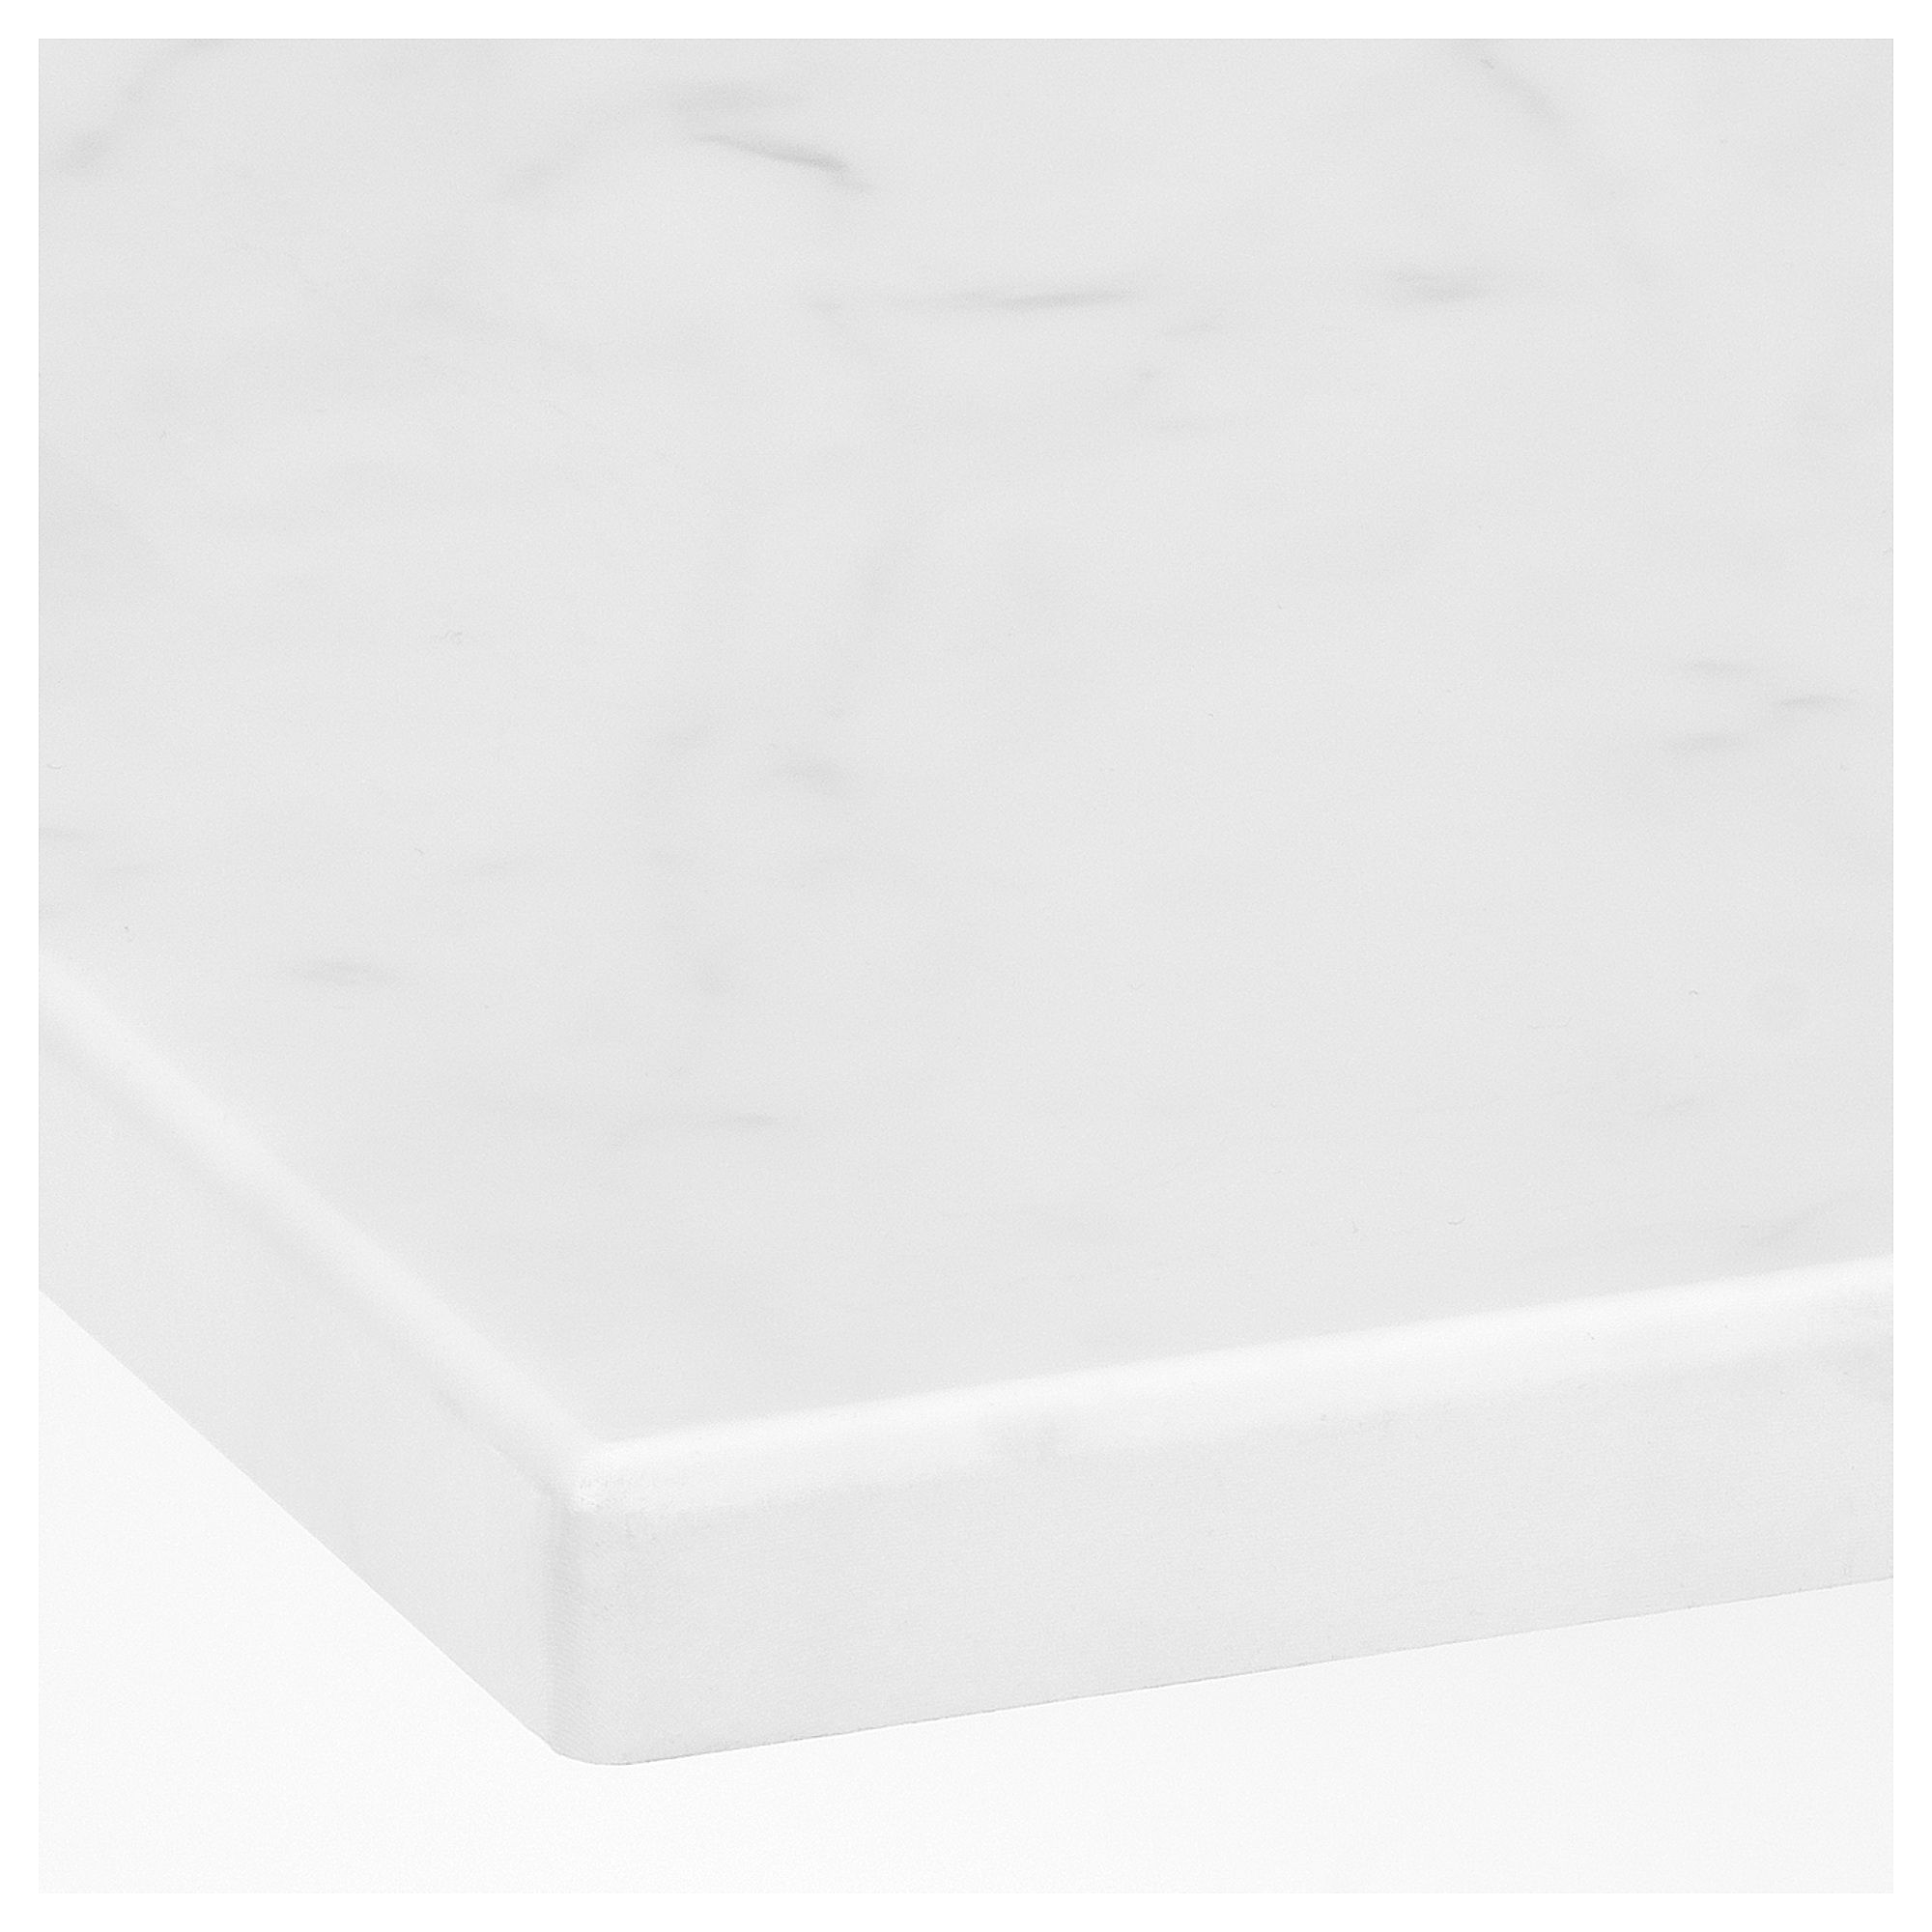 Tolken Countertop Marble Effect 24 3 8x19 1 4 Countertops